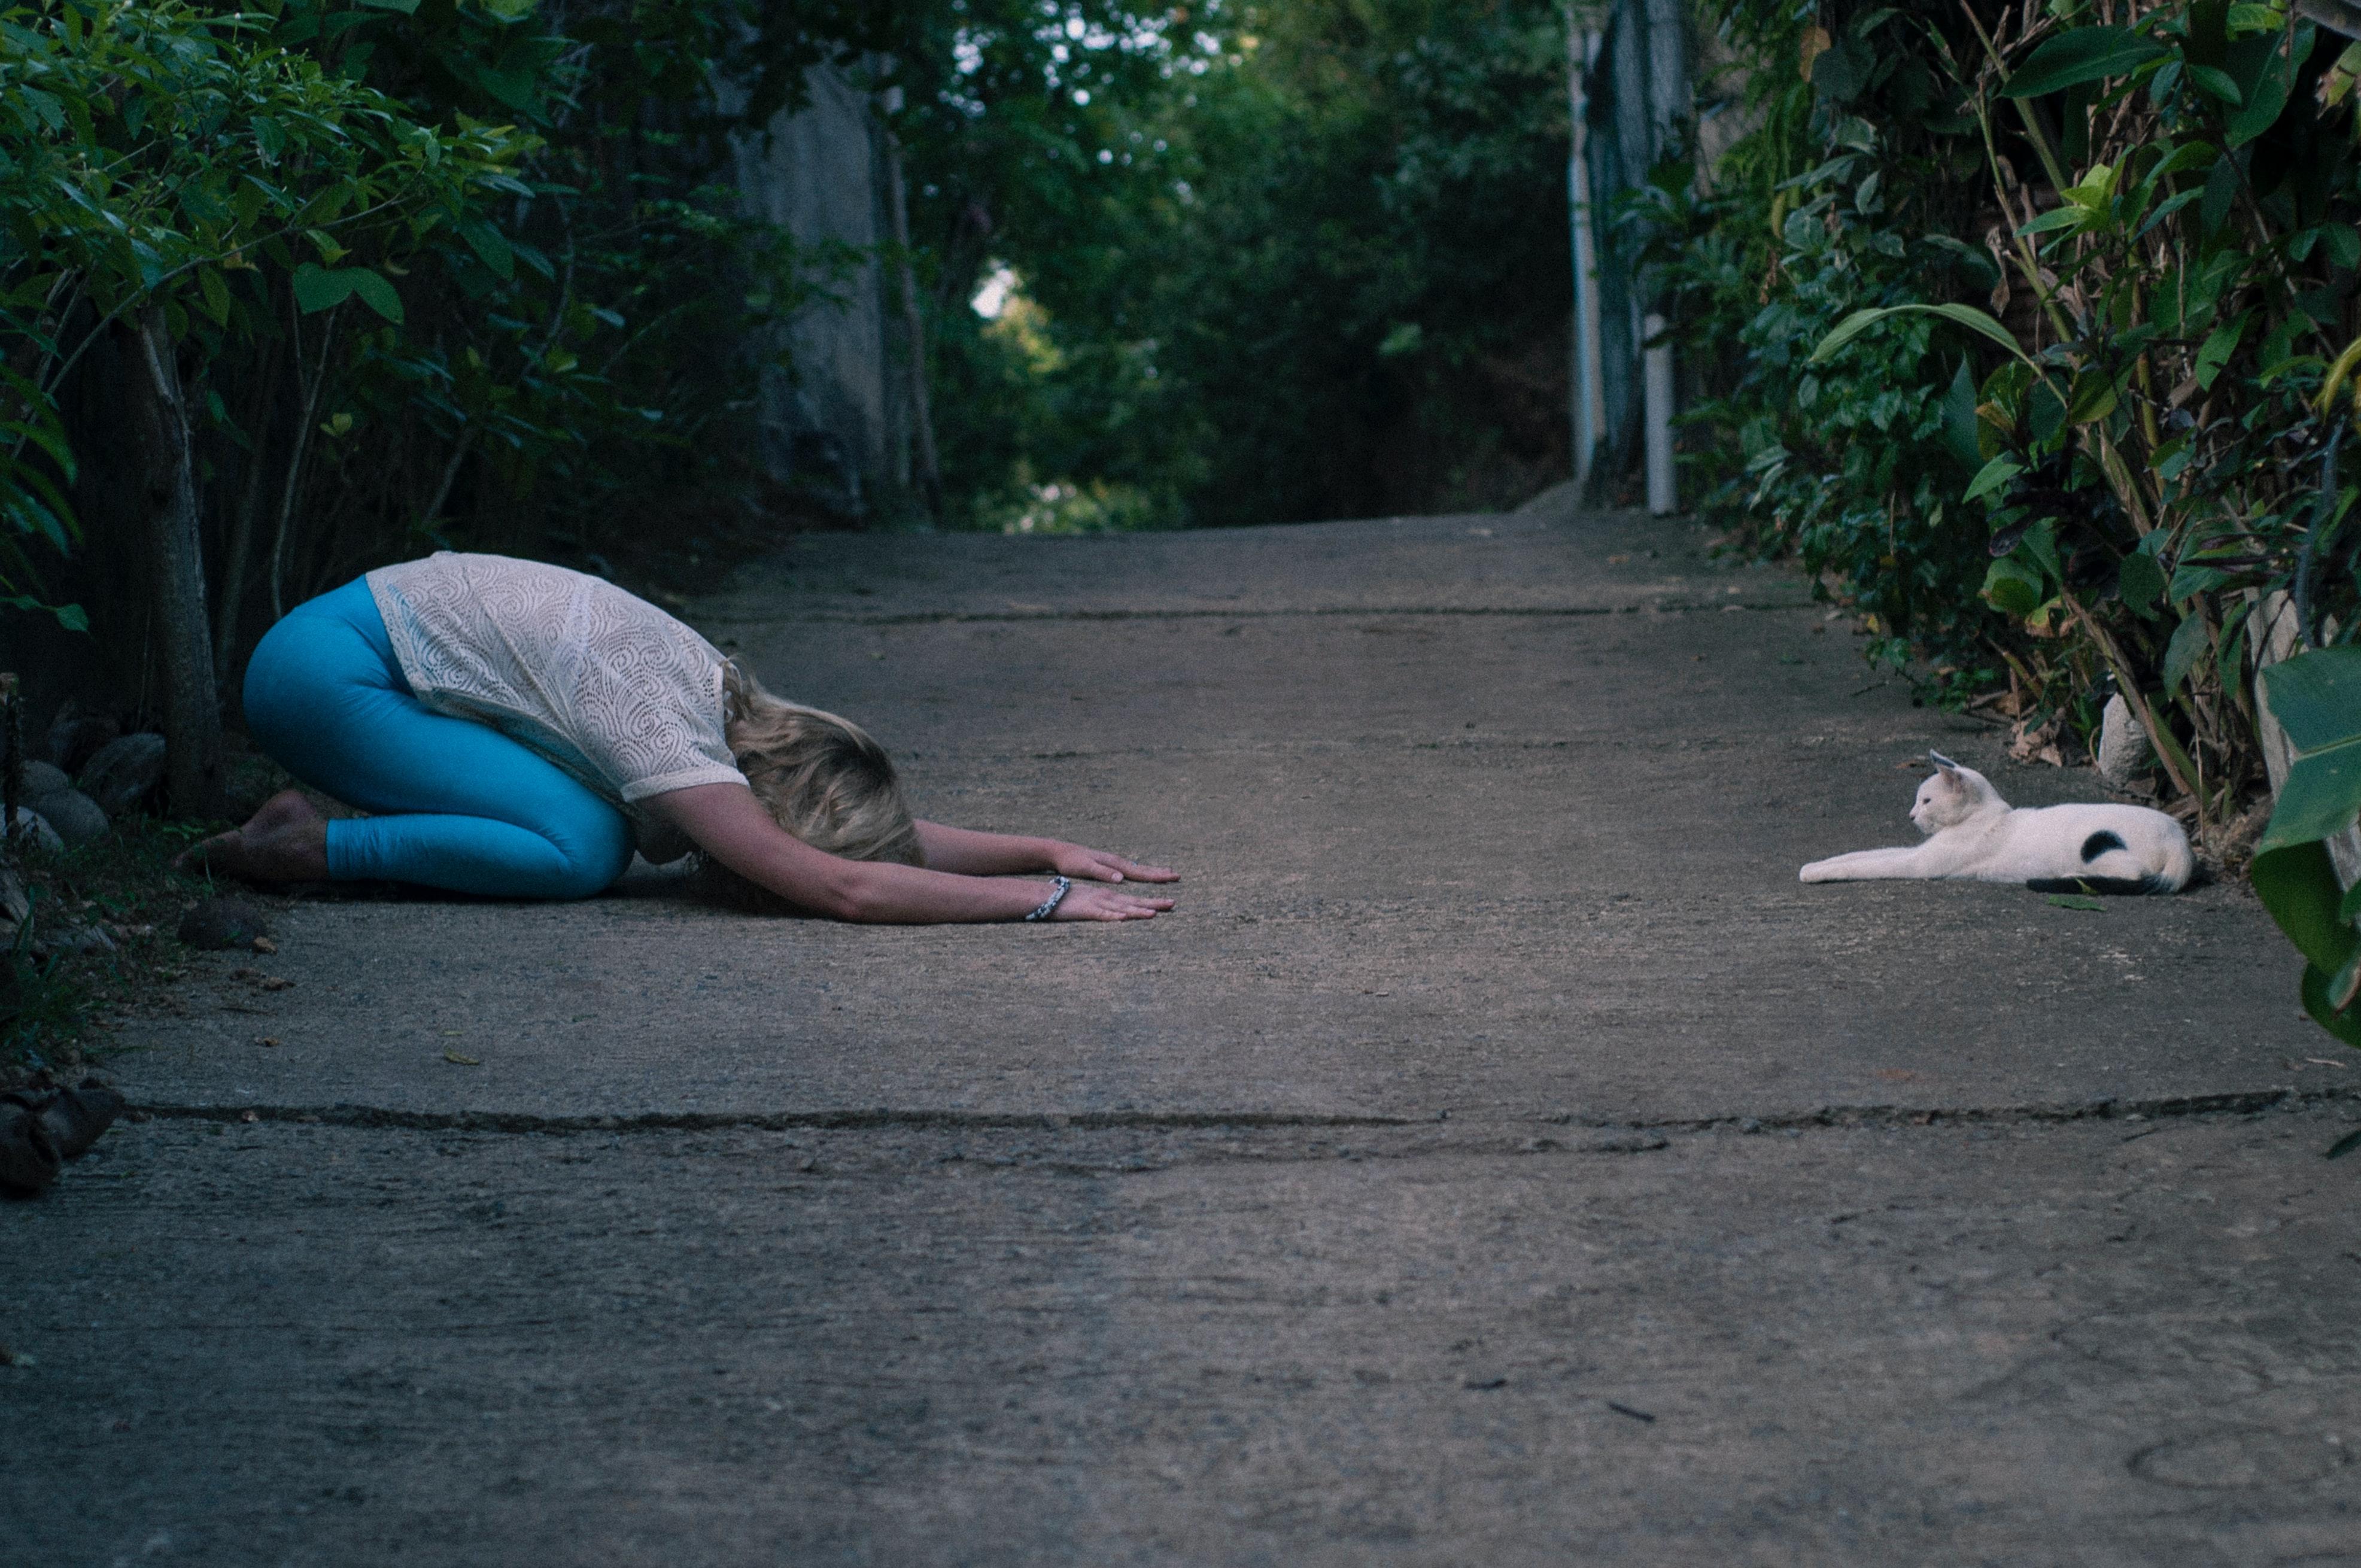 Balasana or Child's Pose or Child's Resting Pose(Photo by Pasha Chusovitin on Unsplash)